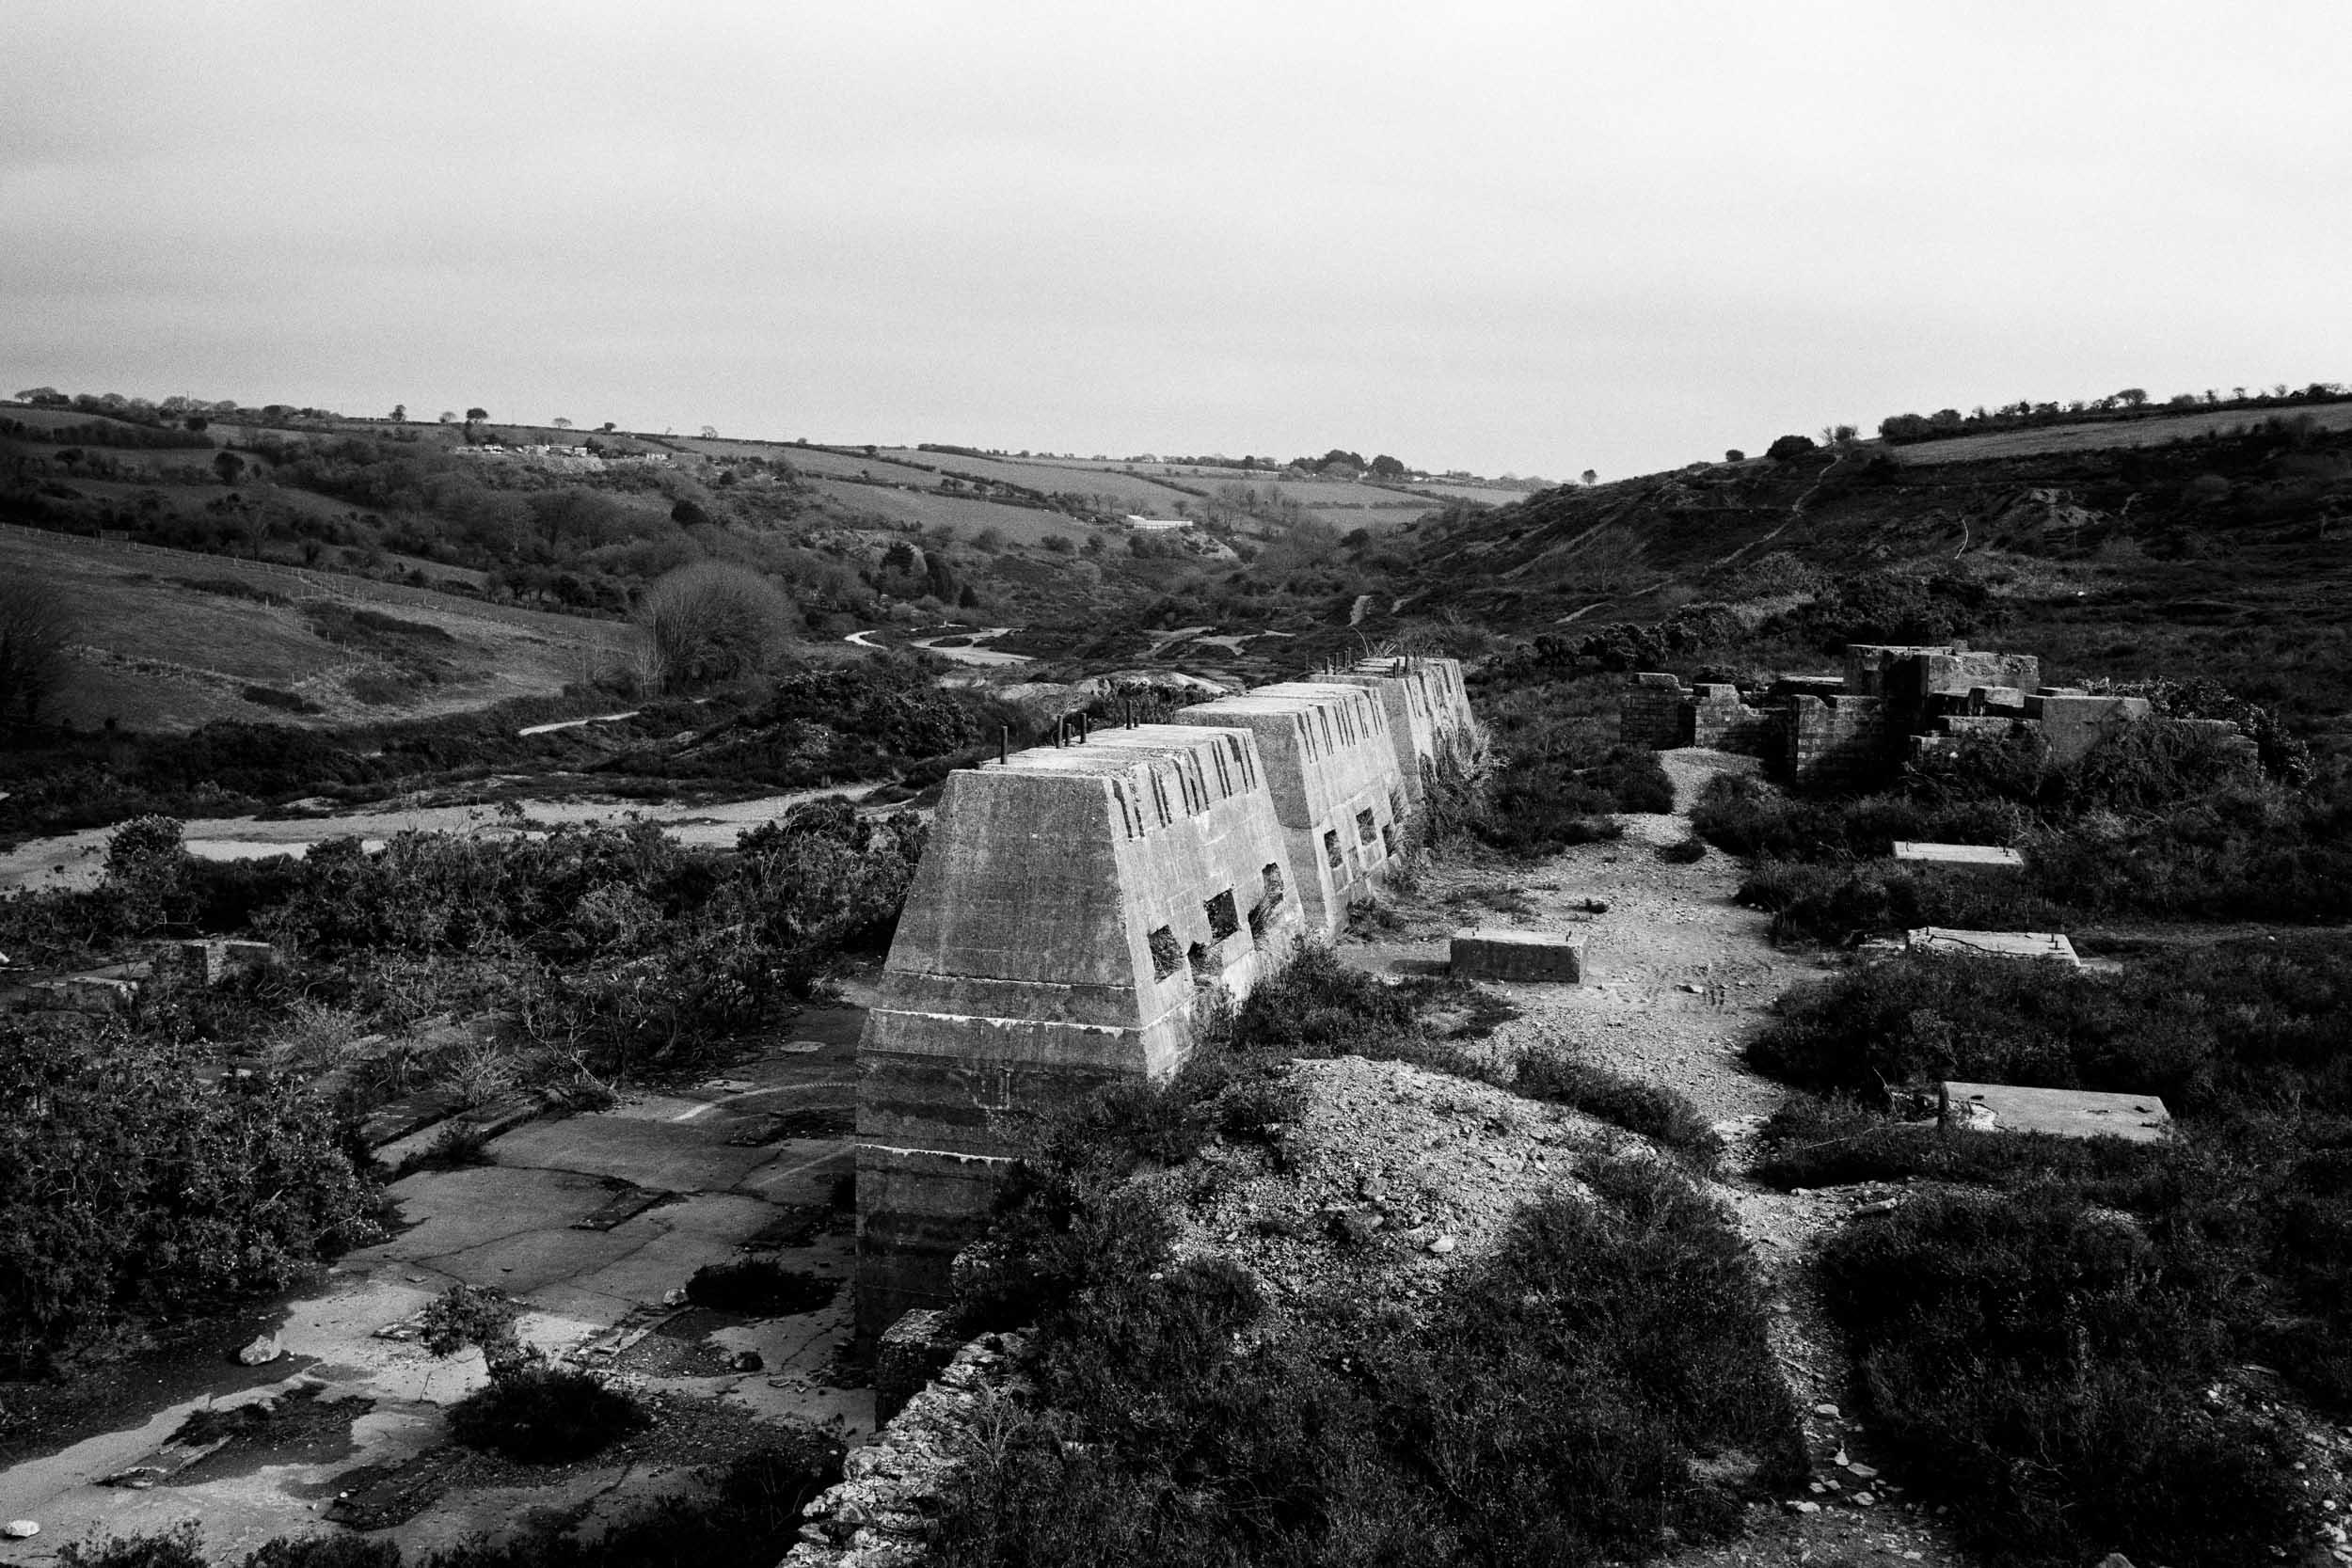 Abandoned Poldice Mine